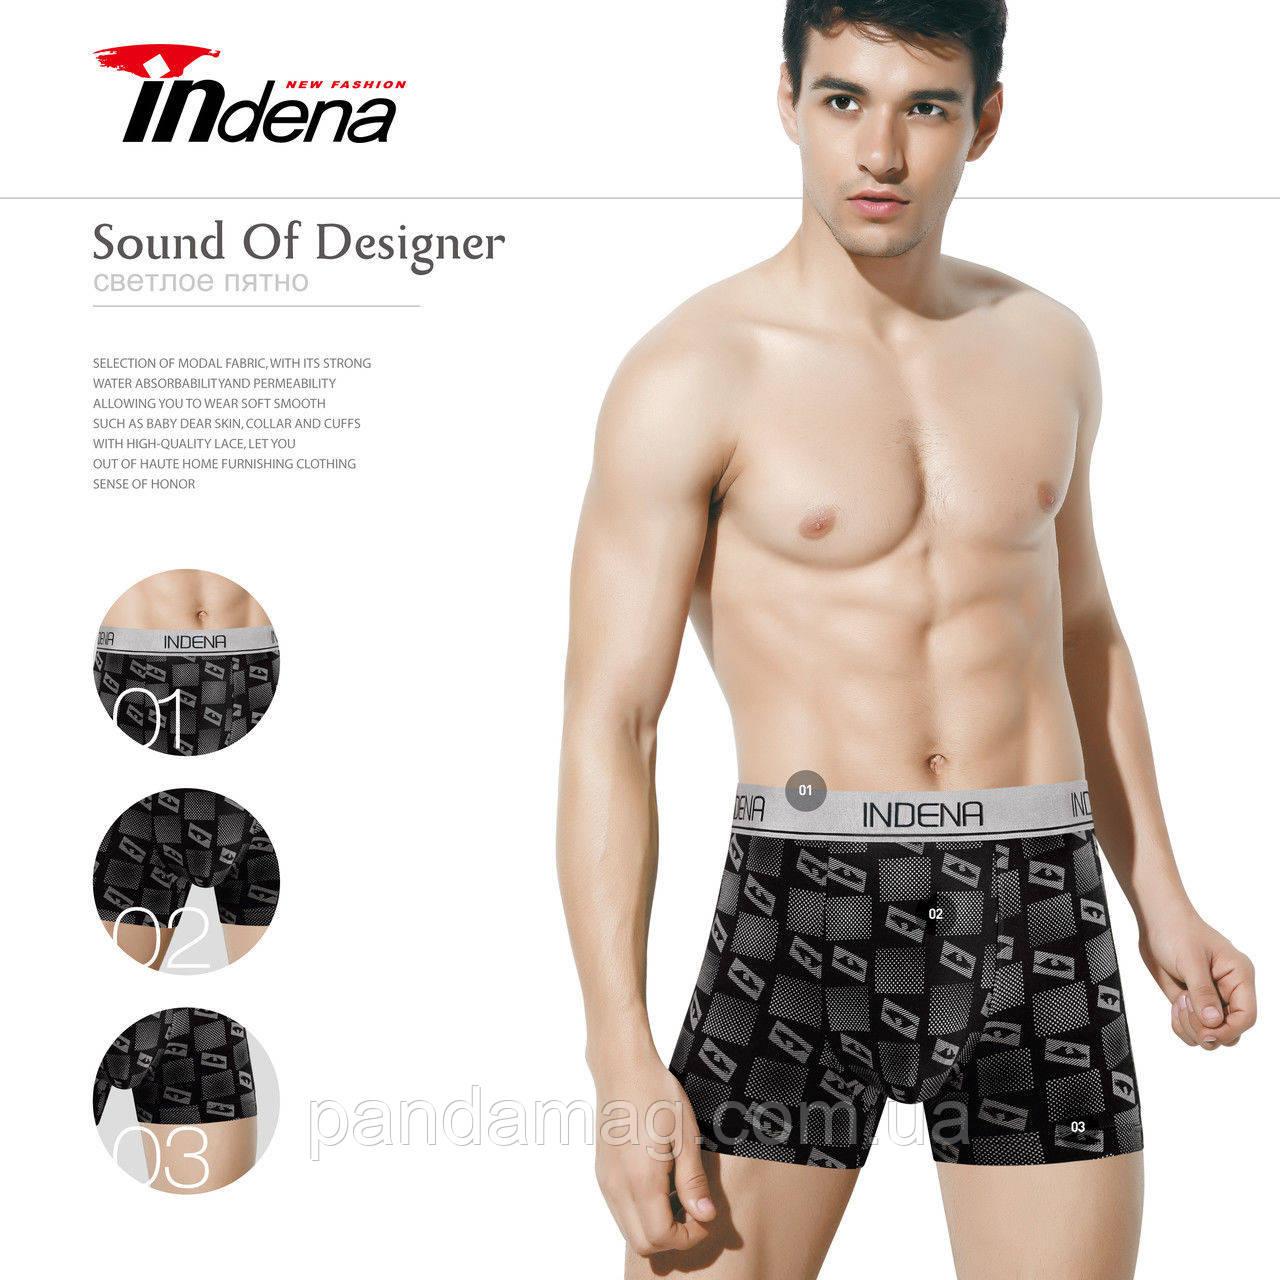 Трусы(боксеры) мужские Indena Индена - 51грн. Упаковка 2шт - p.L